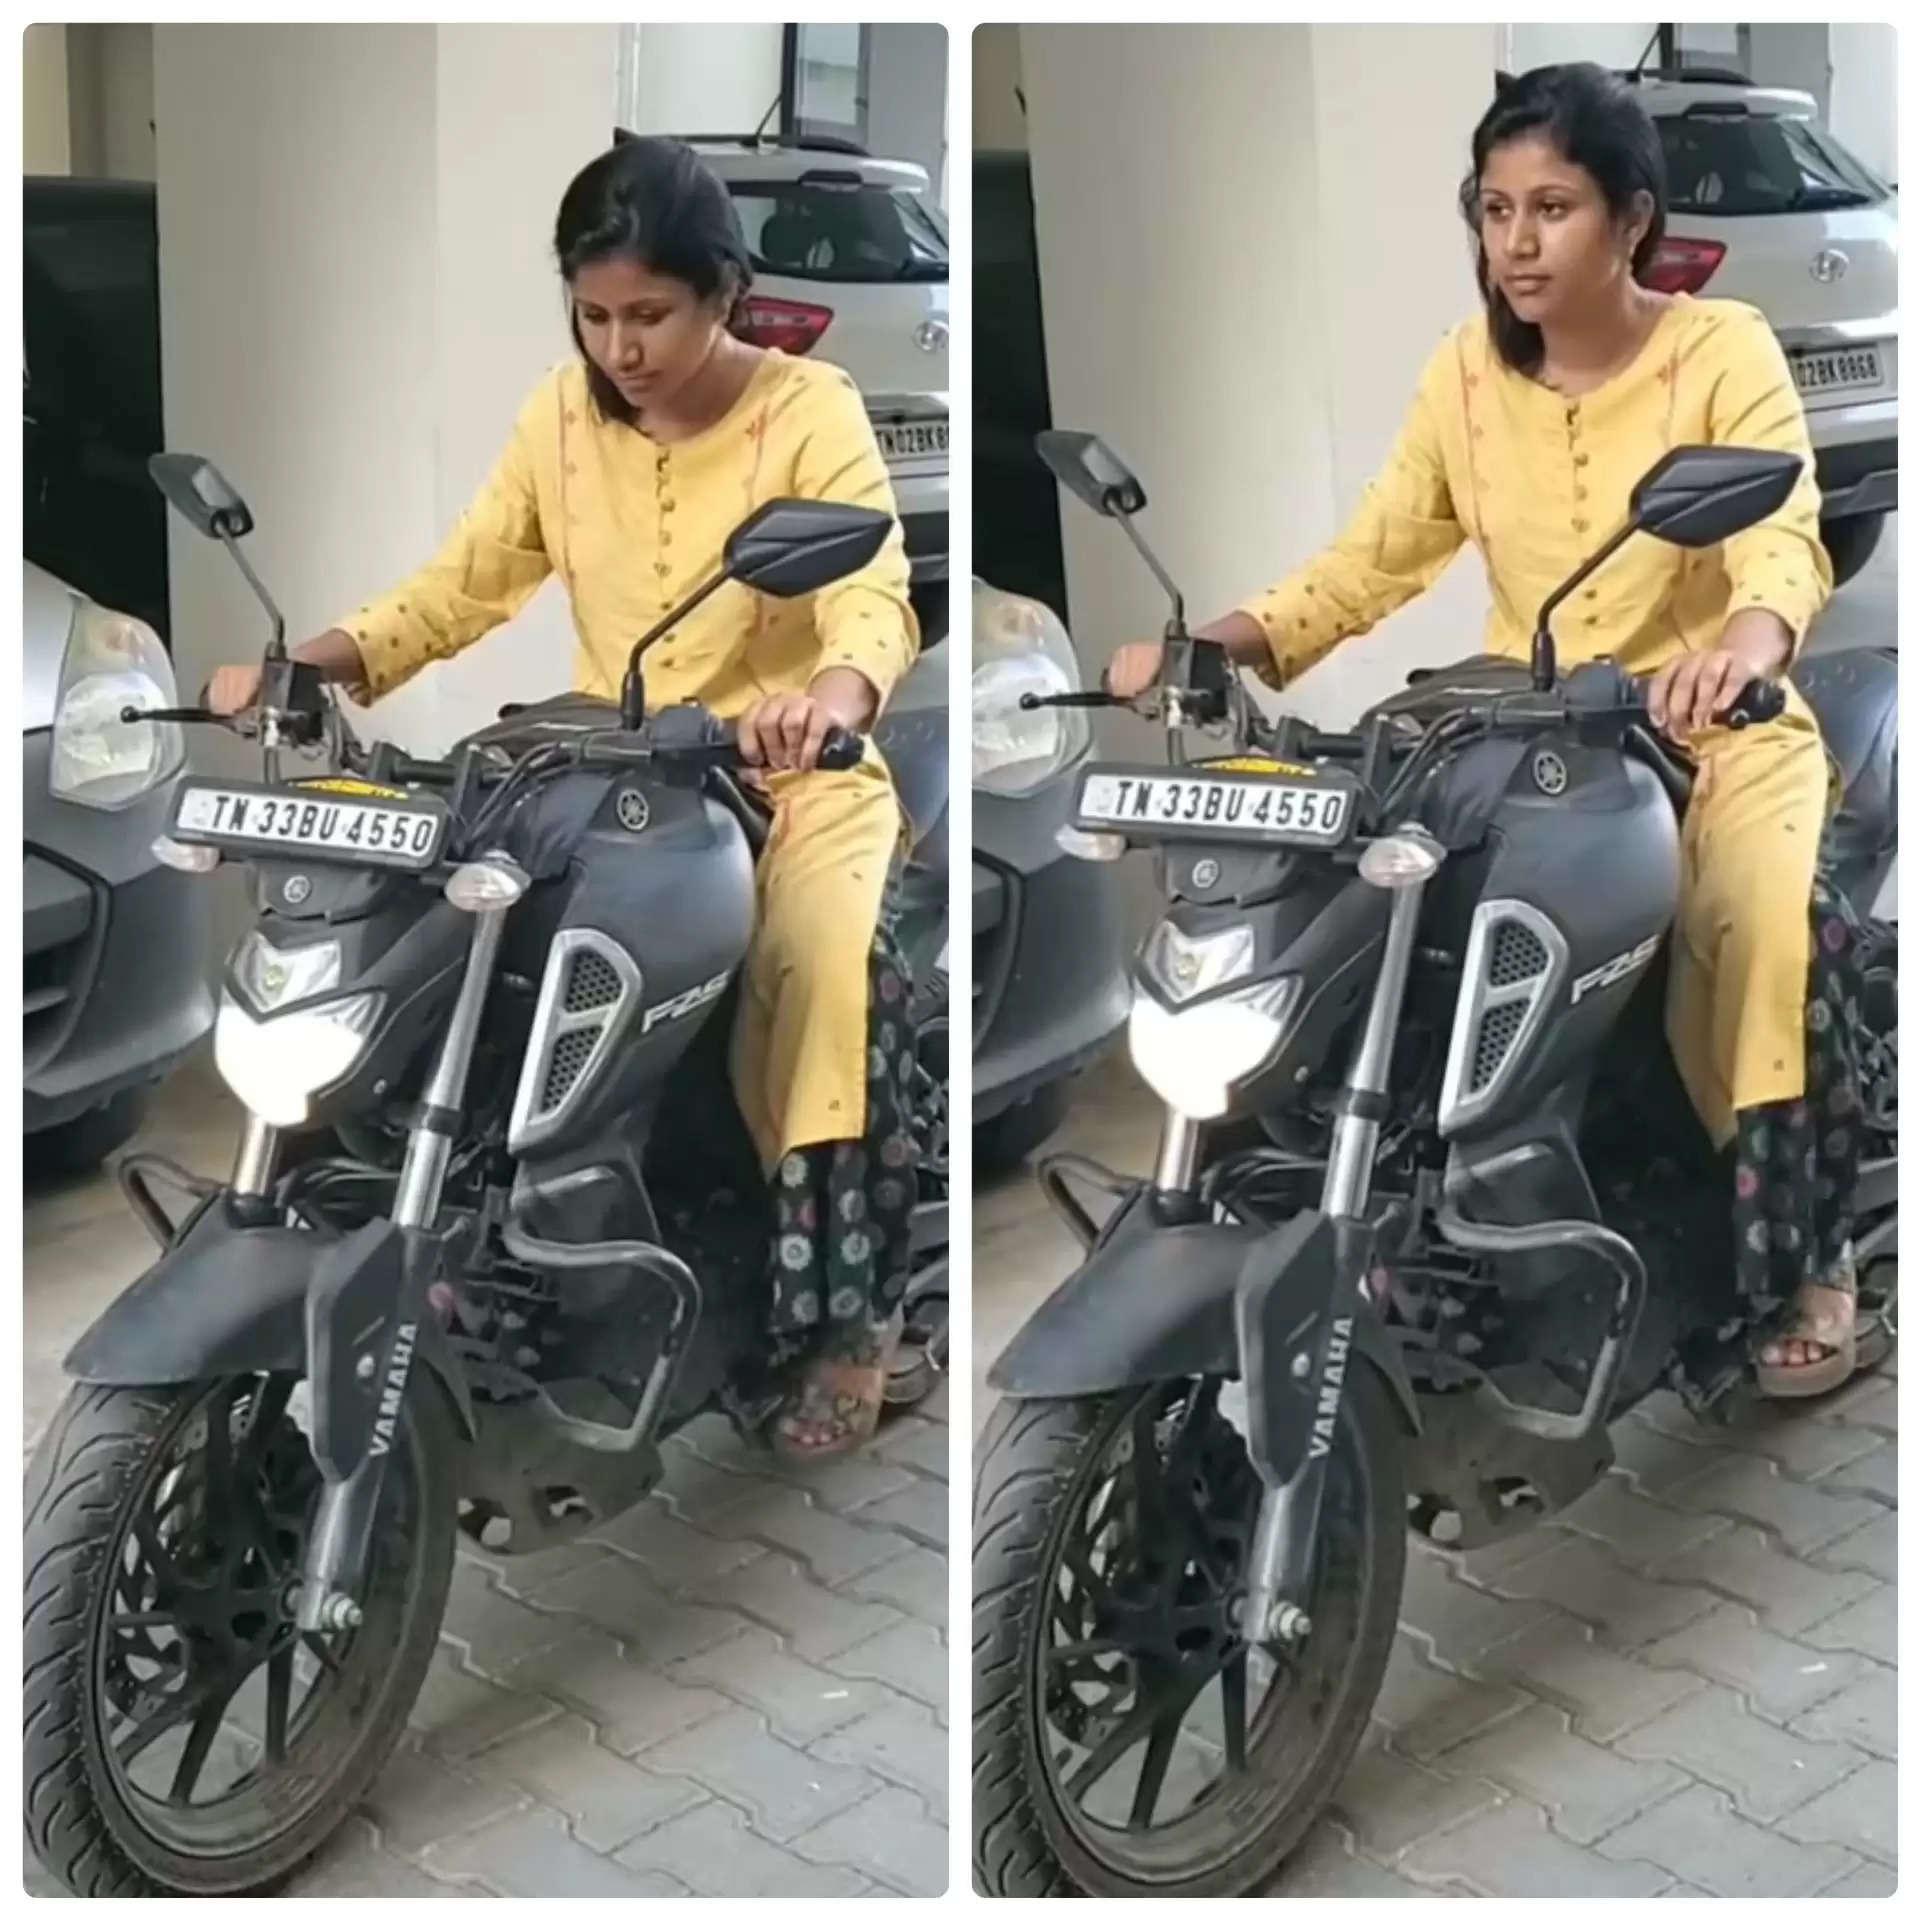 மாஸாக ரேஸ் பைக் ஓட்டும் பிரபல சீரியல் நடிகை.. வைரலாகும் வீடியோ !